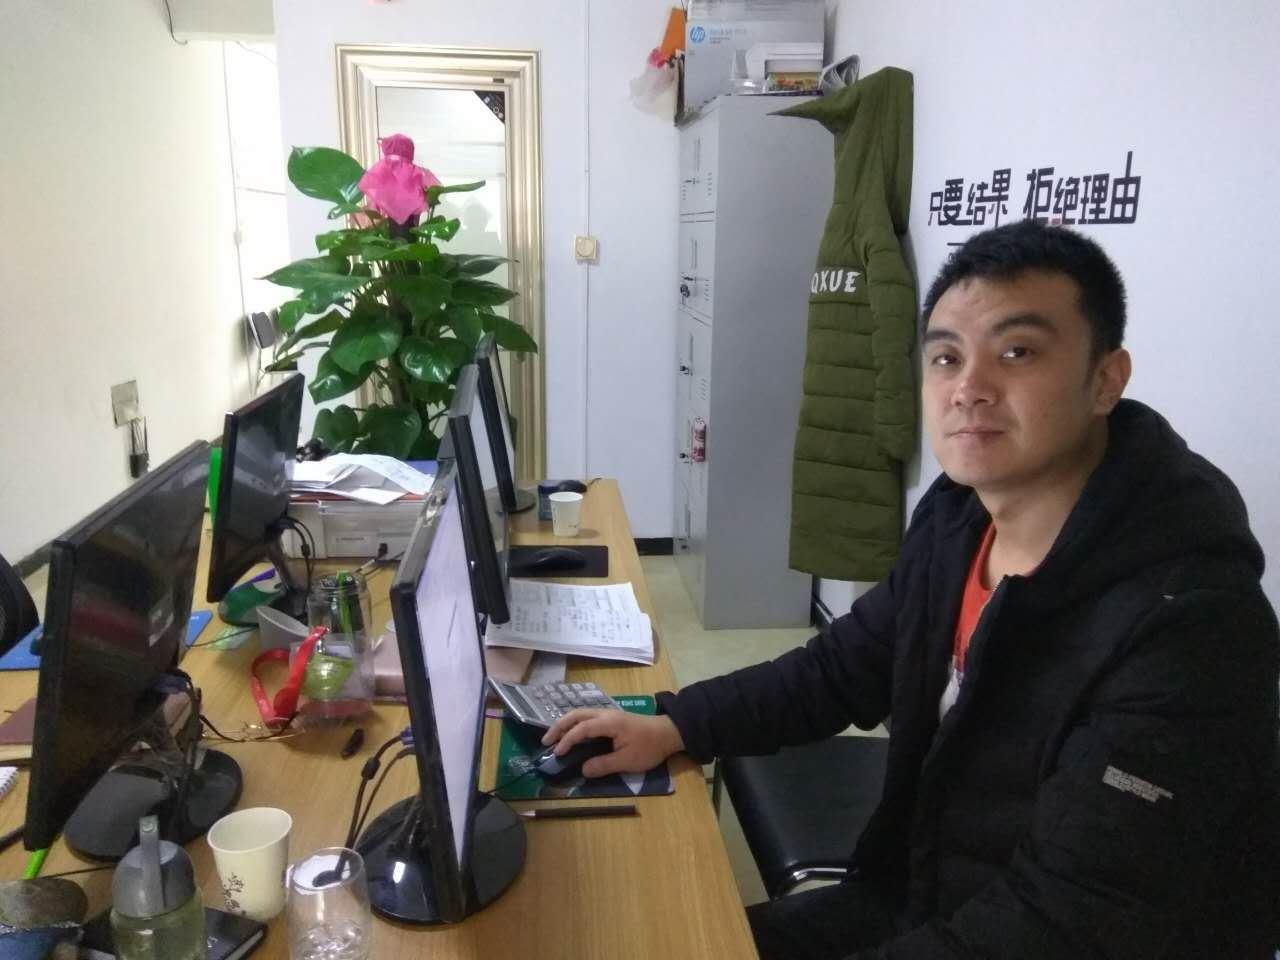 石家庄到北京物流专线(河北丰顺物流有限公司)